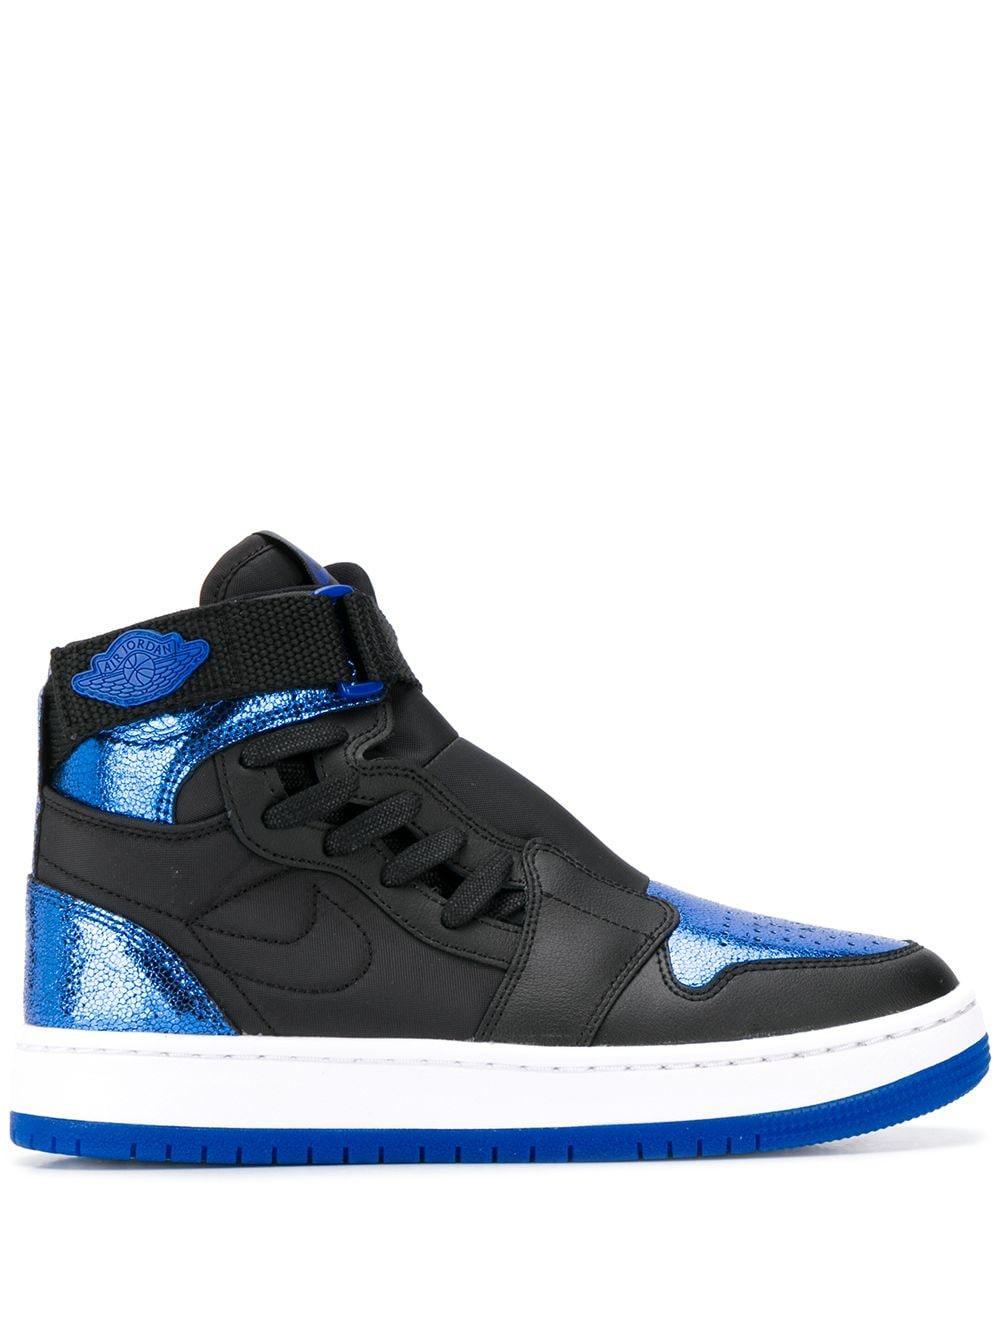 Nike Synthetic Air Jordan 1 Nova High Top Sneakers in Black for ...